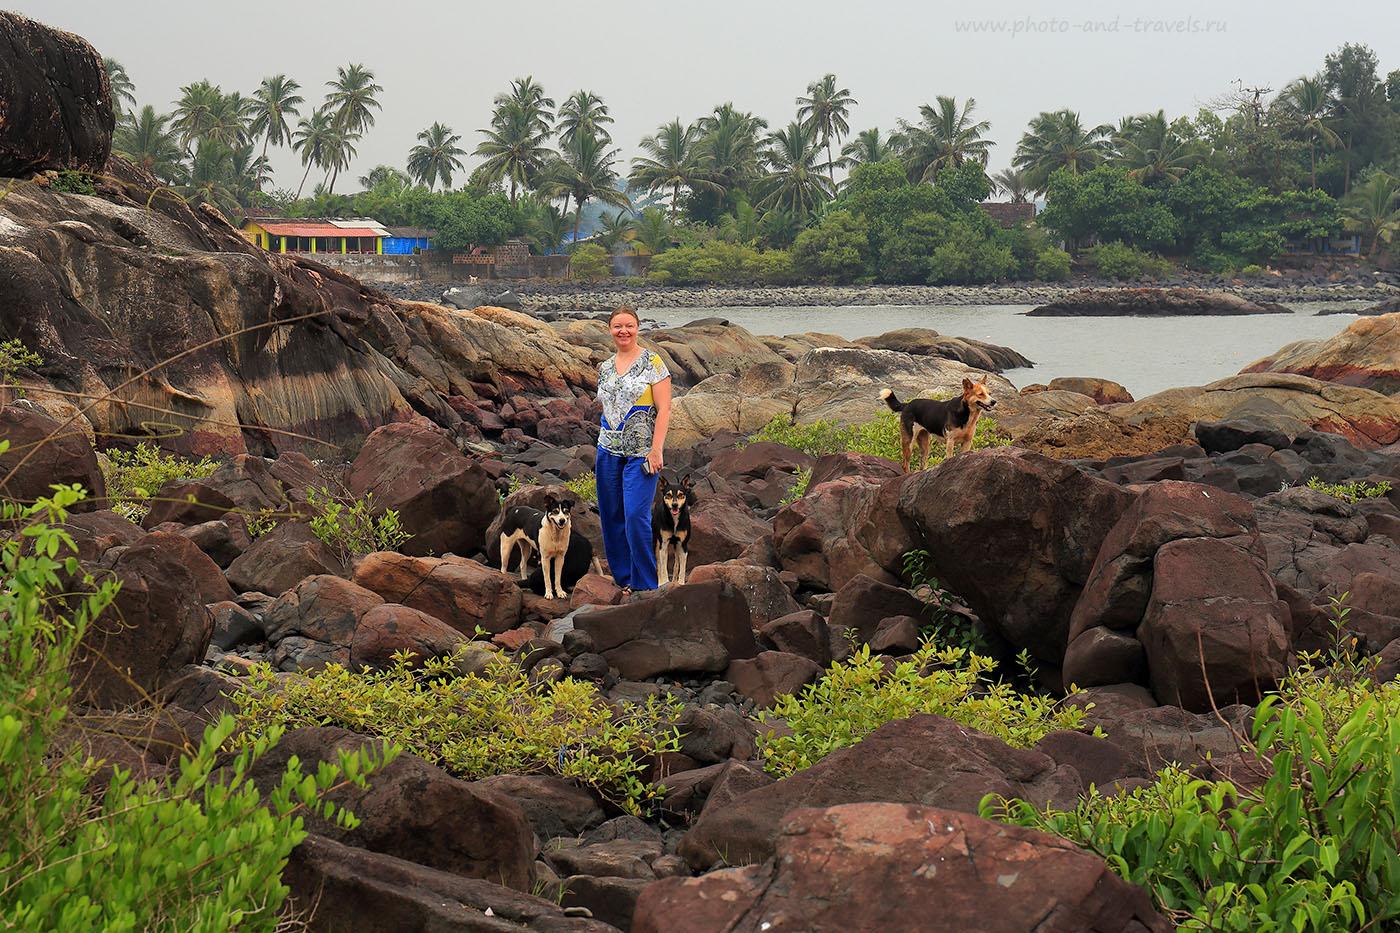 Фотография 16. Среди собак. Отзывы о самостоятельном отдыхе в Индии на Южном Гоа (24-70, 1/100, -1eV, f9, 70mm, ISO 100)